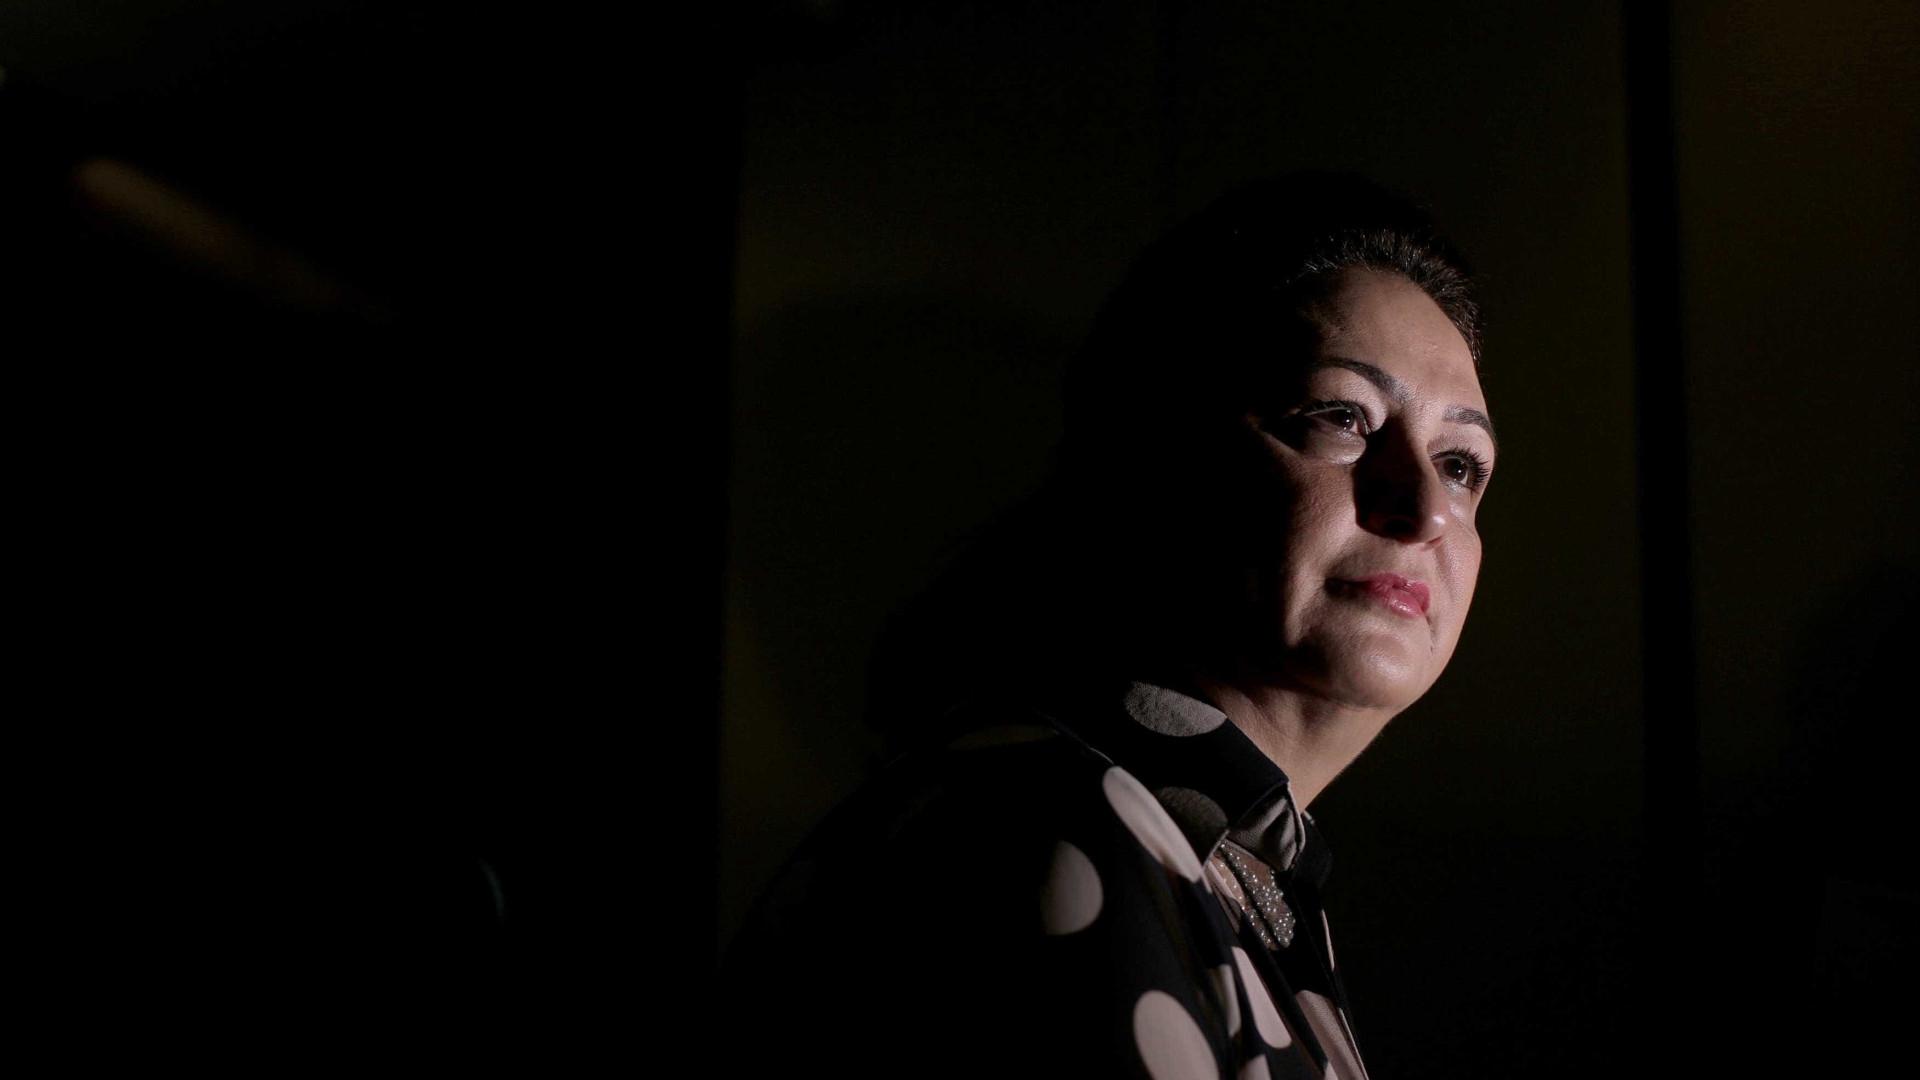 Senadora Kátia Abreu chama Salles de 'bússola doida nos levando para o caos'